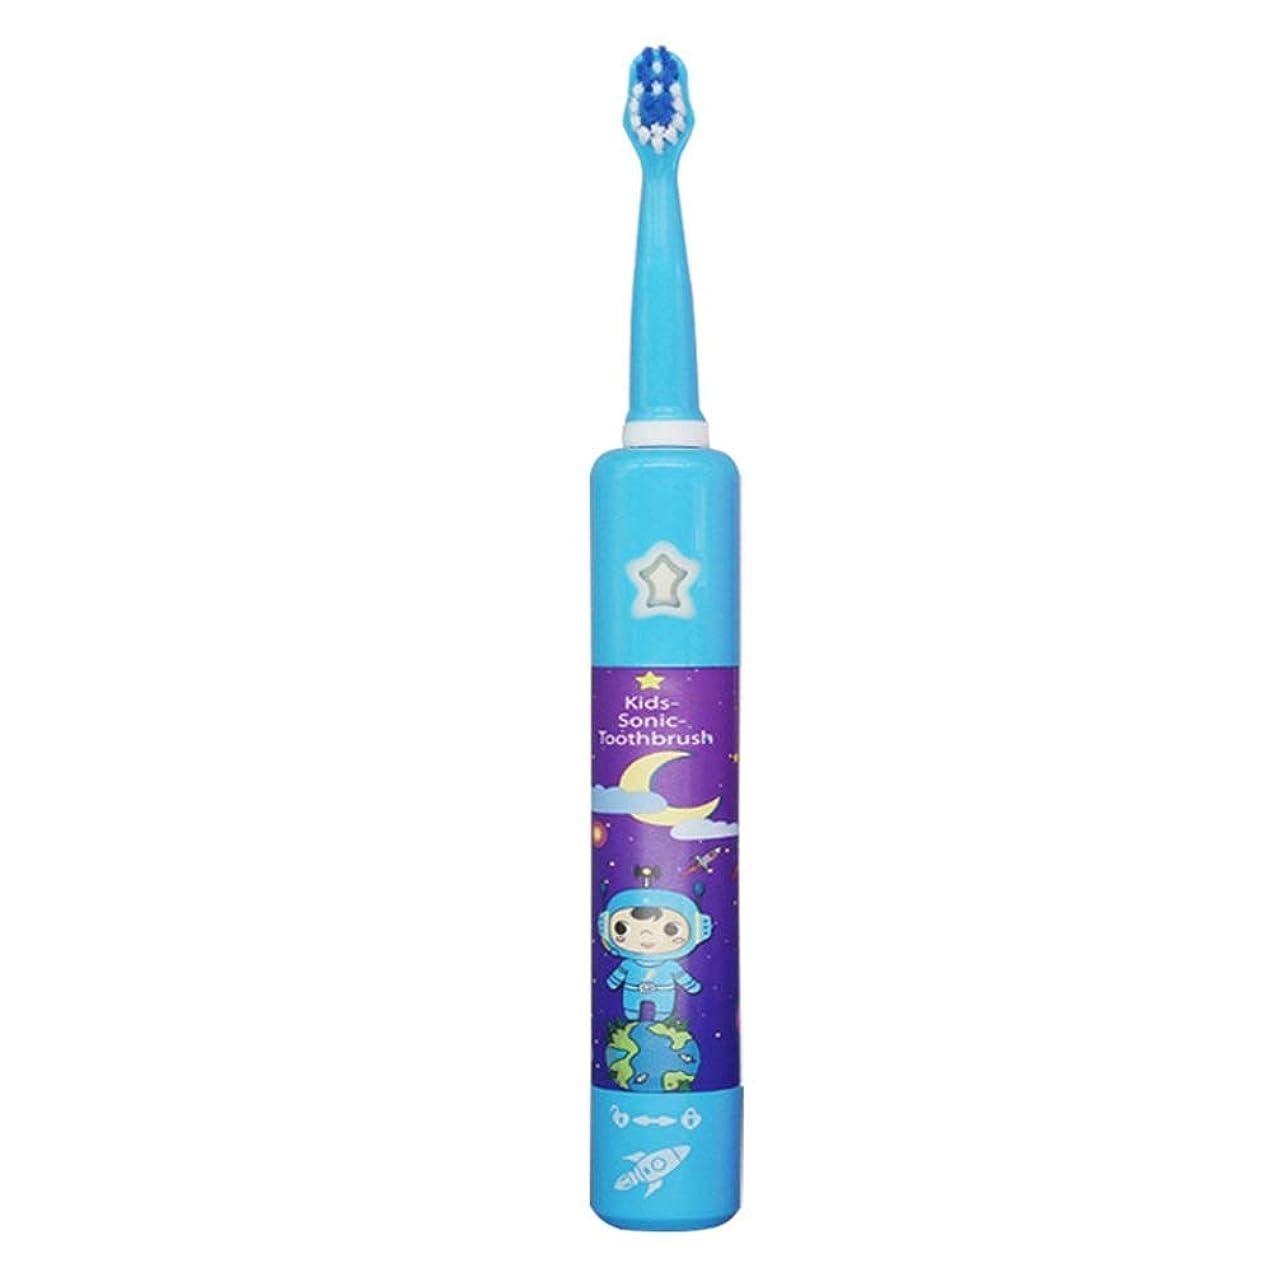 追い出す専門知識エチケット電動歯ブラシ 子供の電気usb充電式歯ブラシかわいい柔らかい髪音楽歯ブラシ付きホルダーと1つの交換用ヘッド日常用 大人と子供向け (色 : 青, サイズ : Free size)